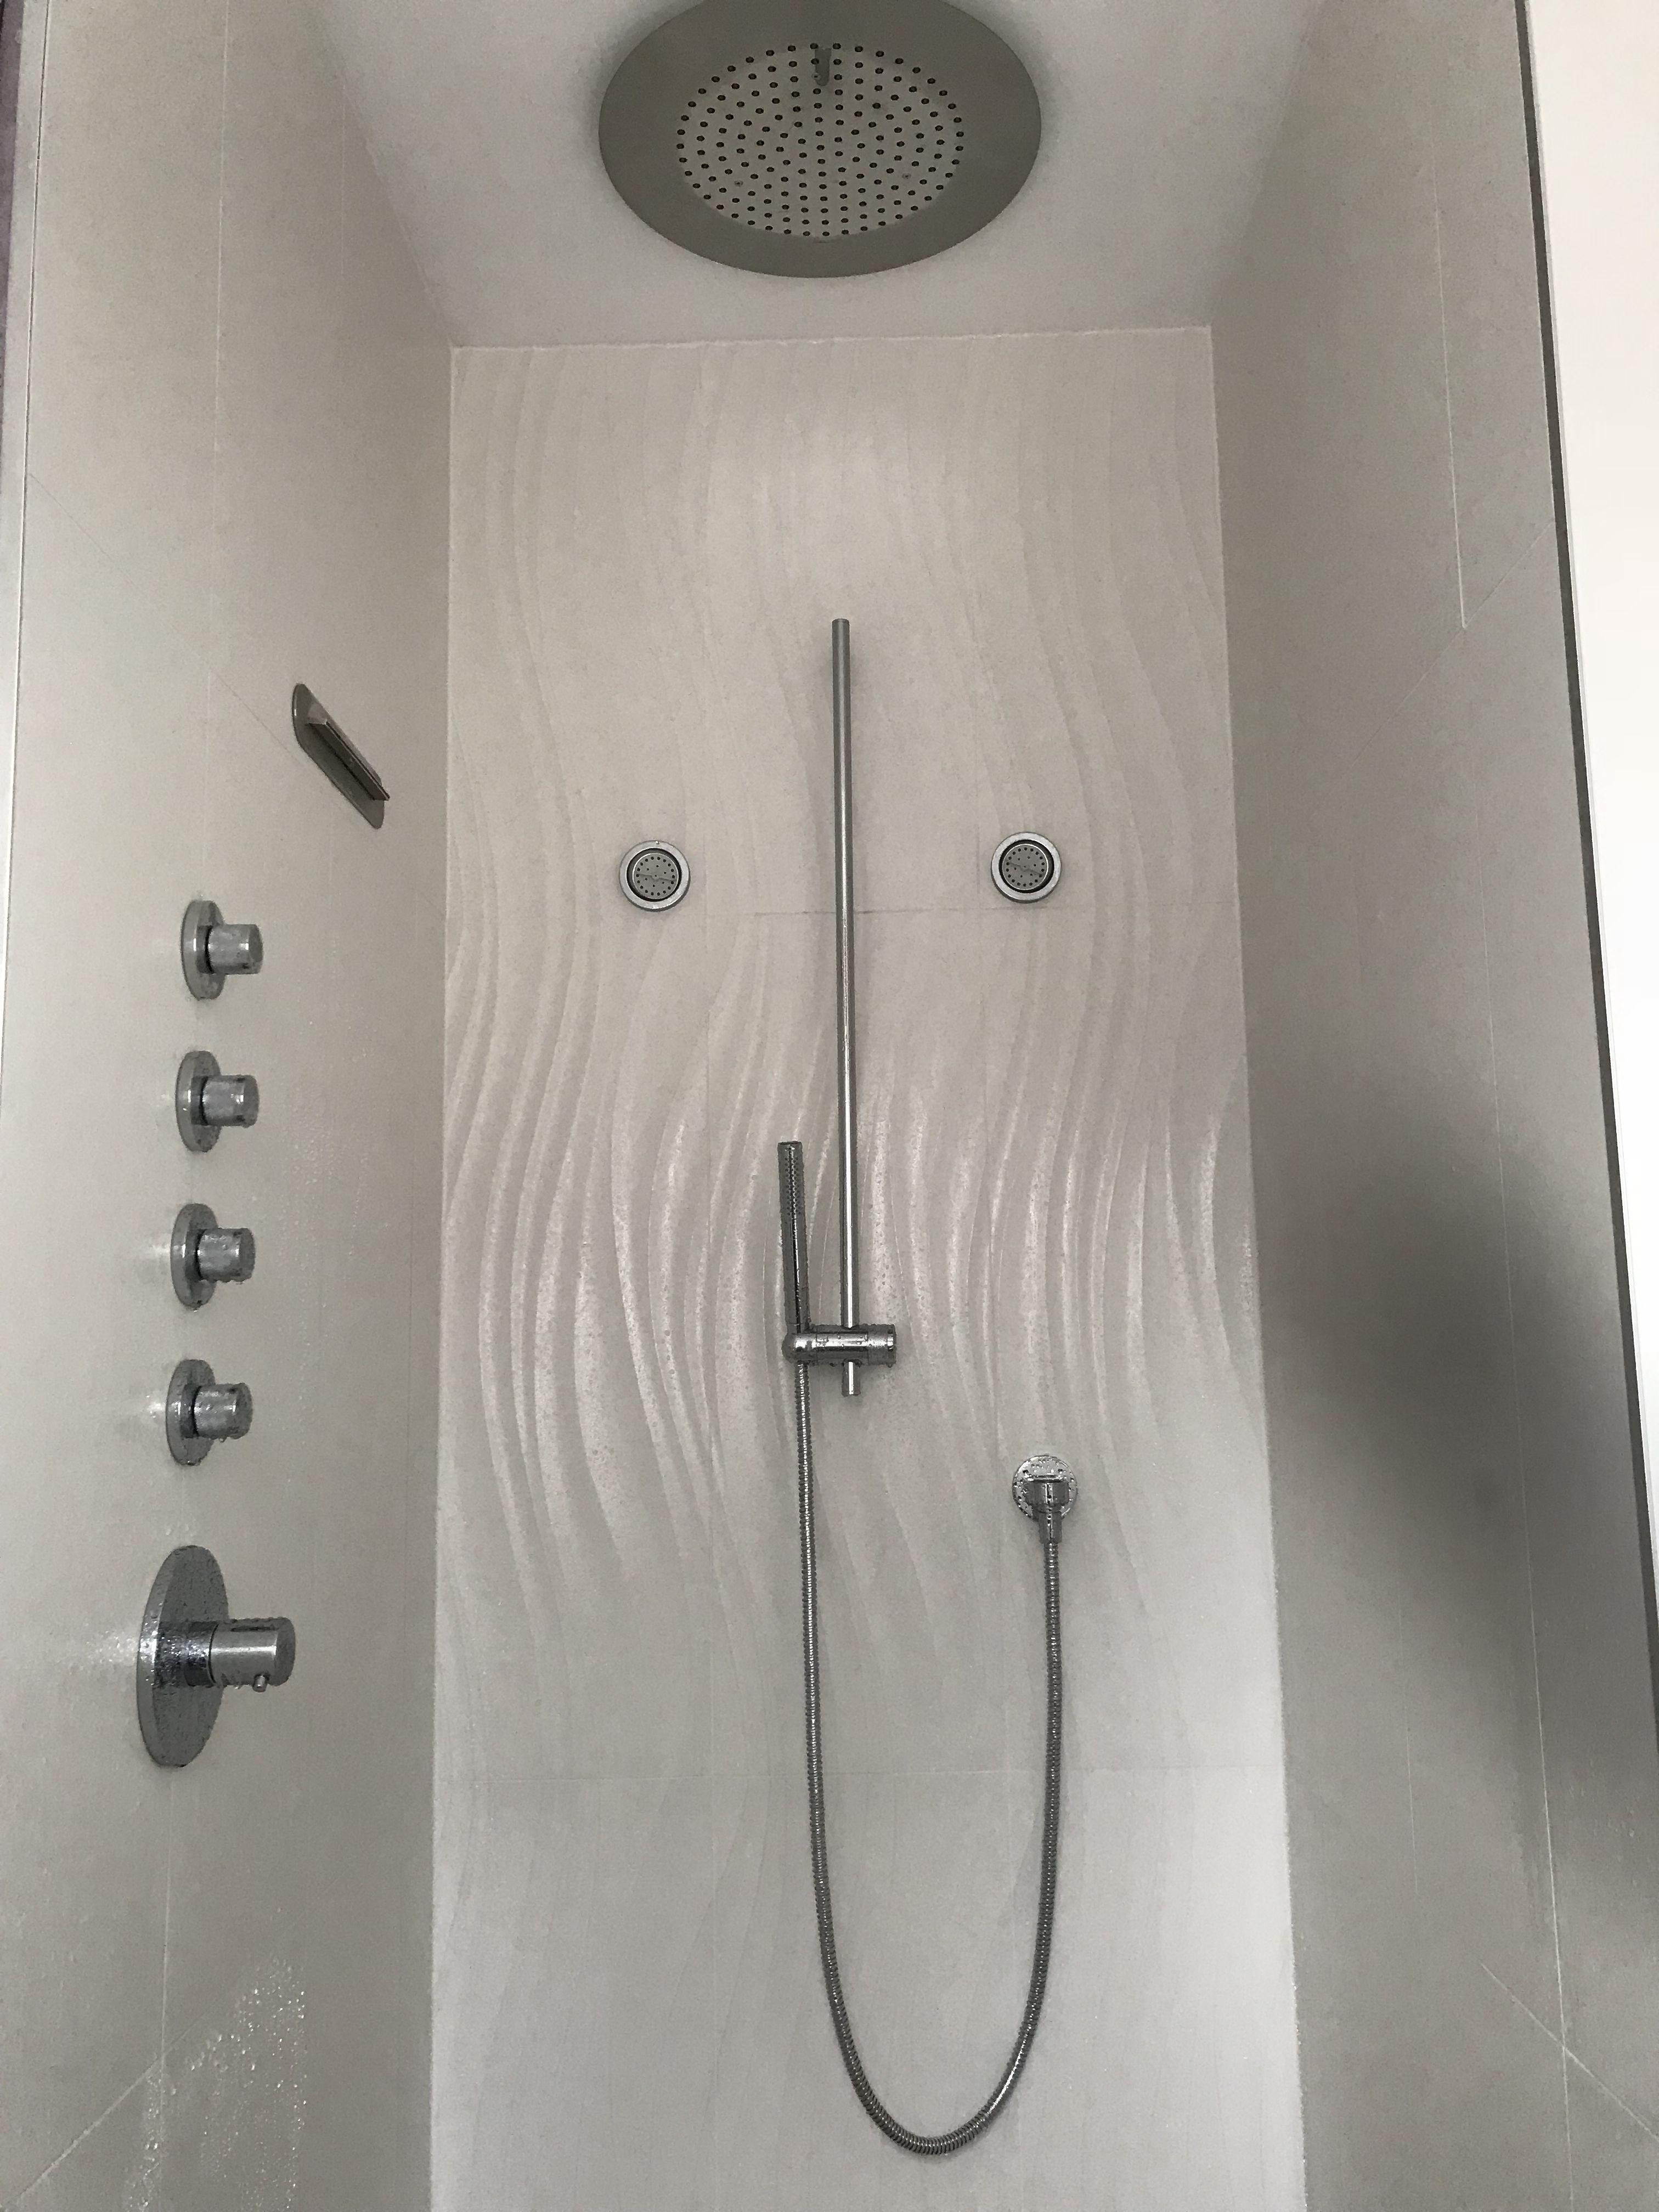 Zuchetti 4 Outlet Shower Installation Shower Installation